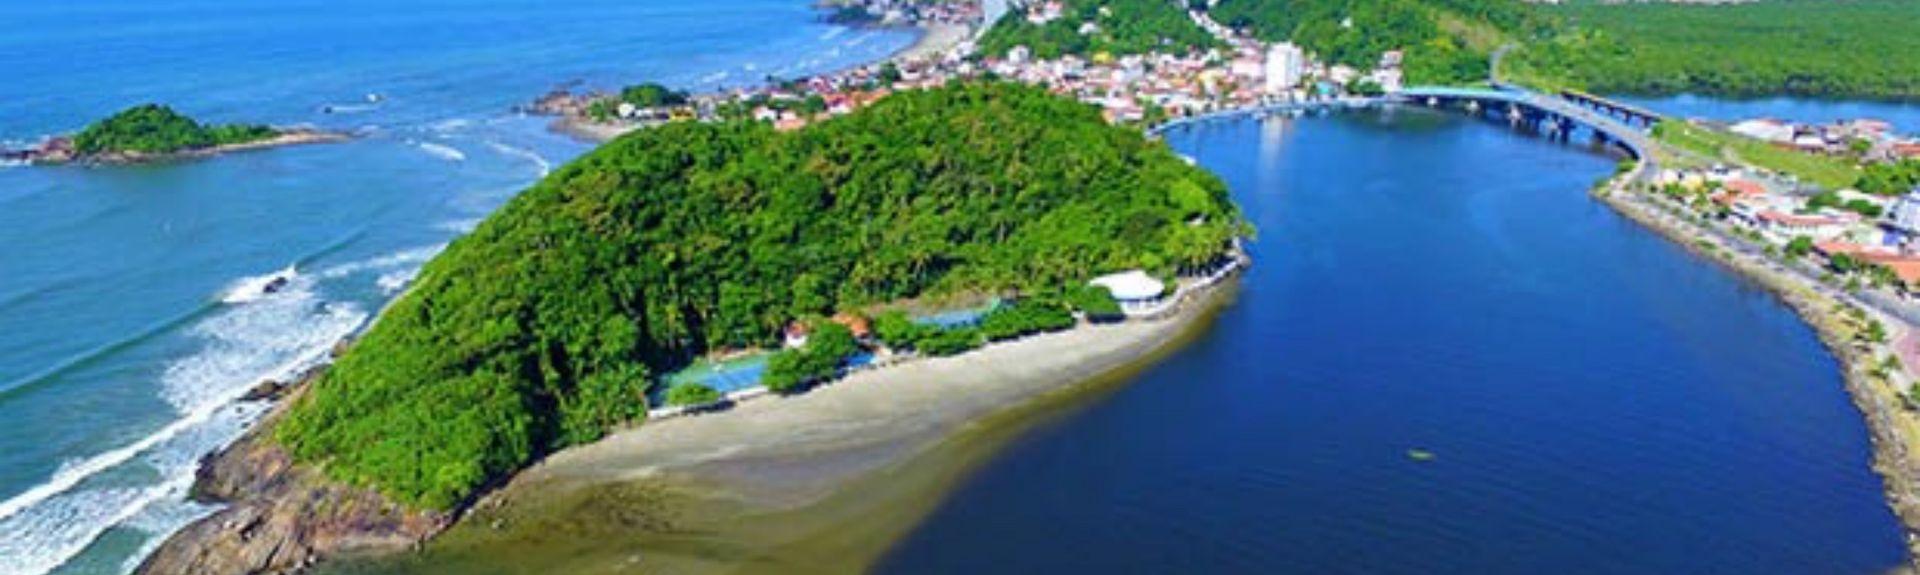 Praia dos Sonhos, Itanhaém, São Paulo (État), Brésil